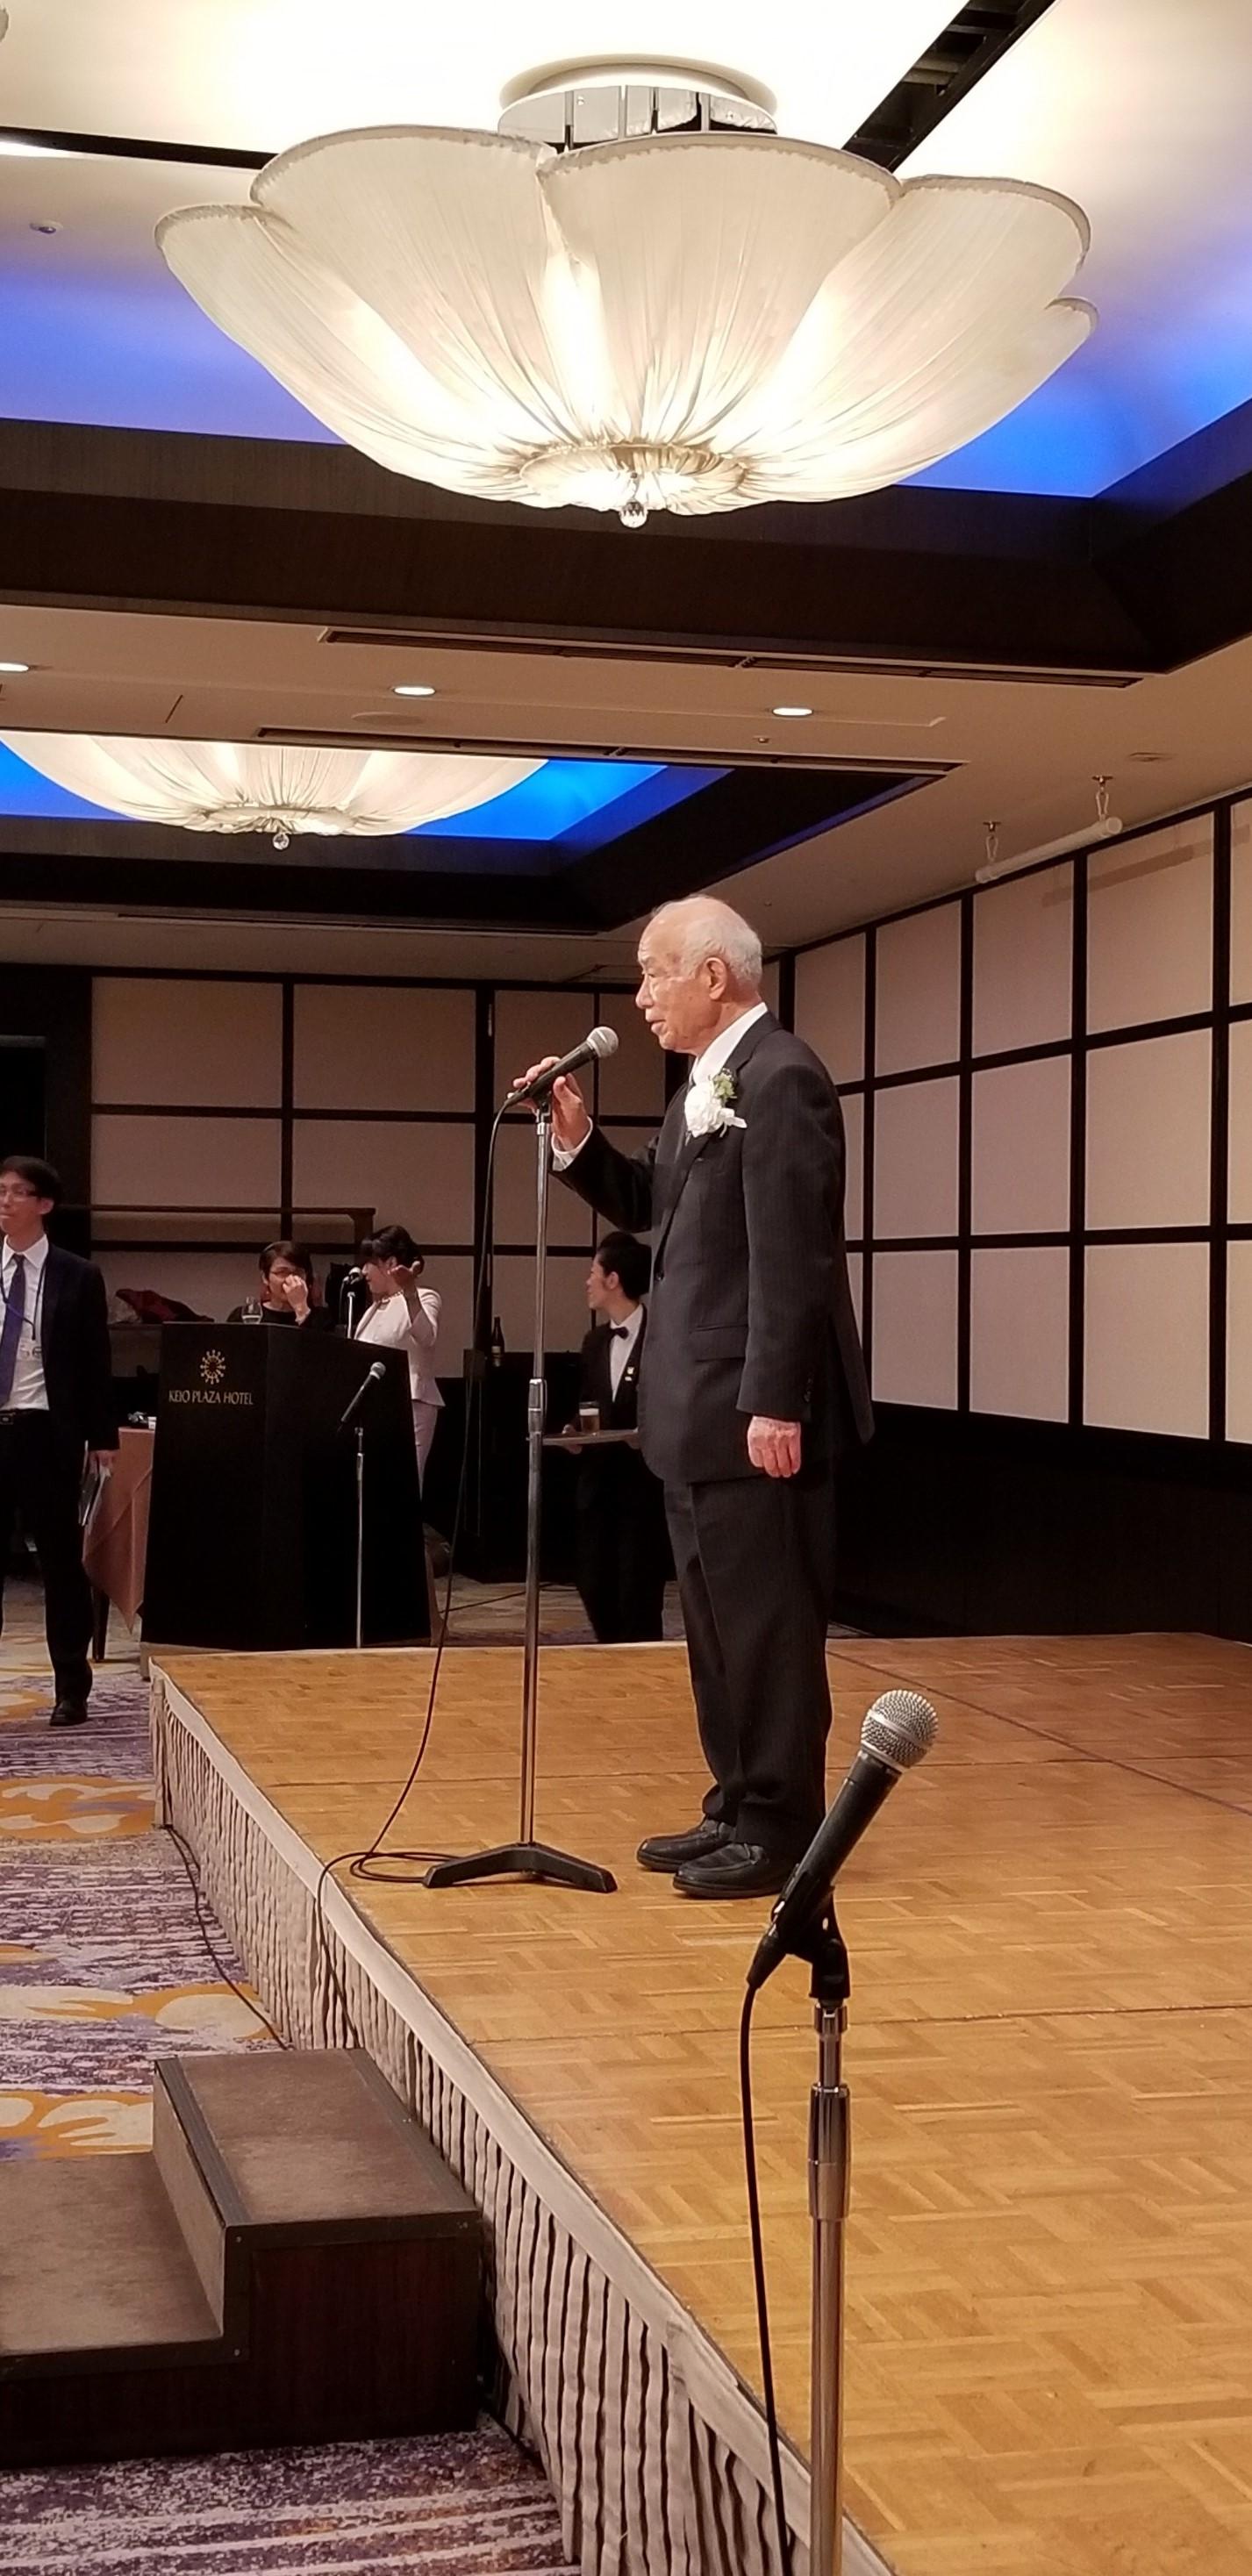 e560f81b08223976e8b16b829ca209ad - 第6回思風会全国大会2018in東京開催